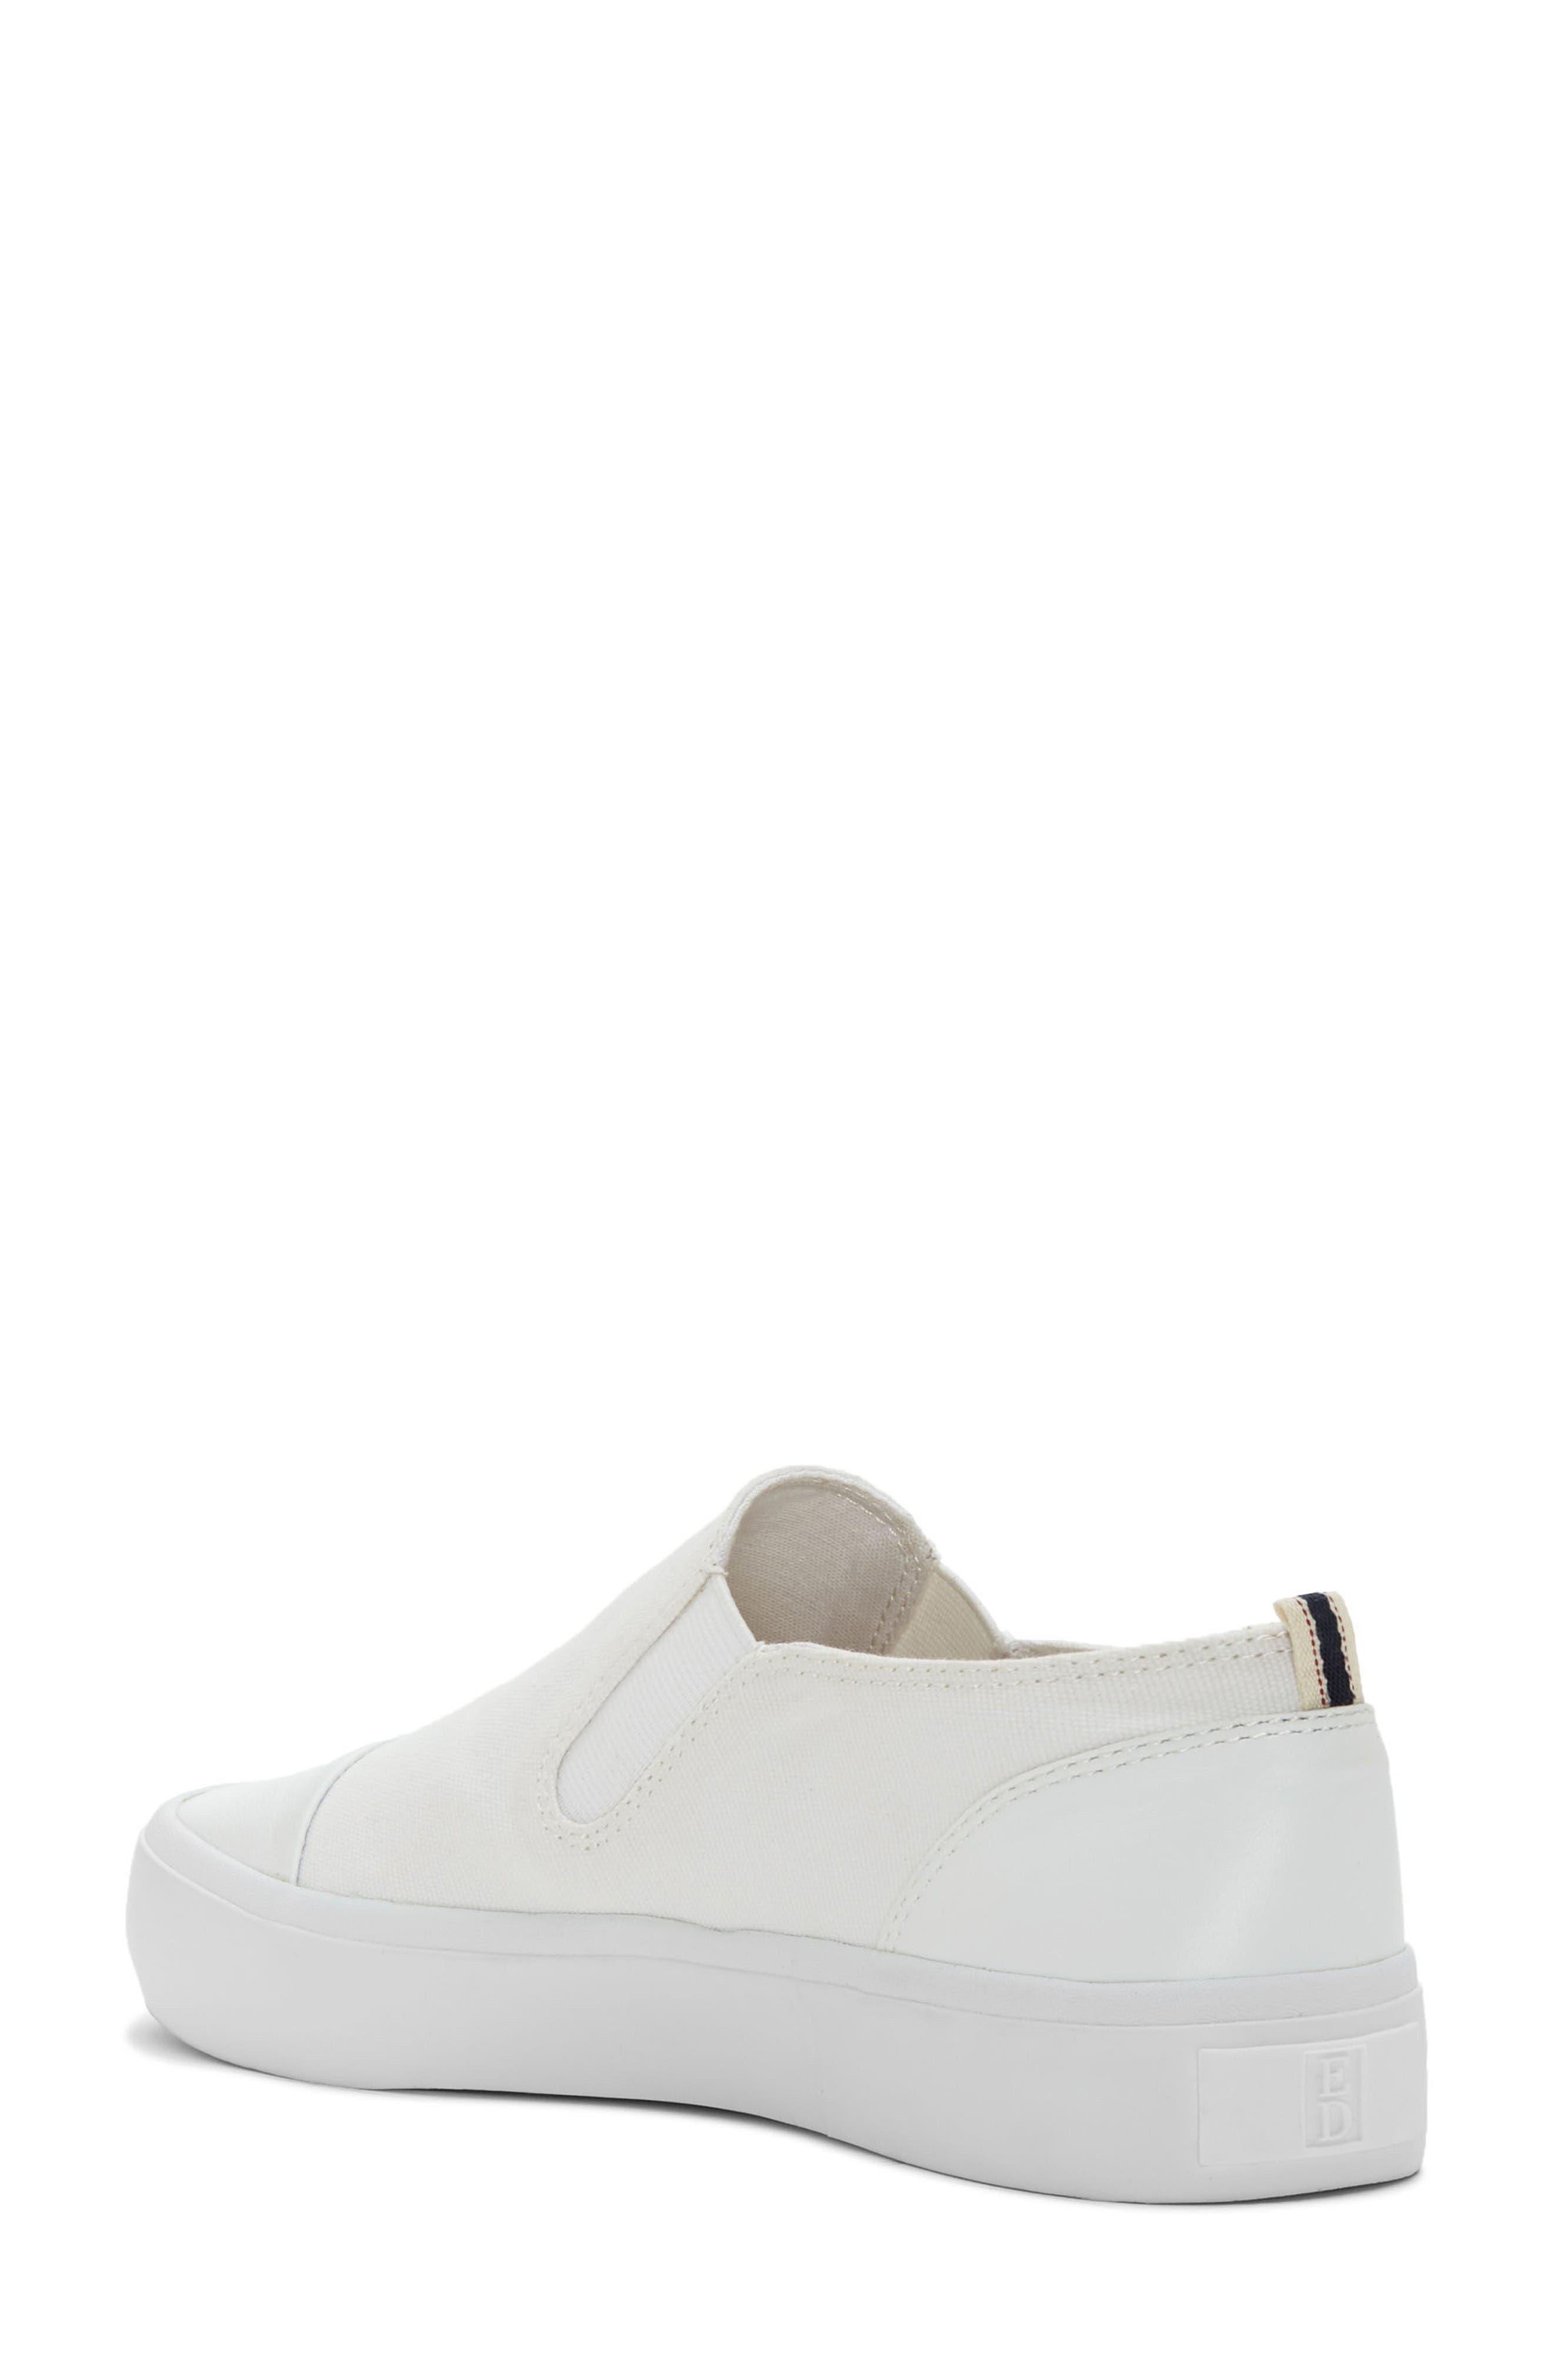 Darja Slip-On Sneaker,                             Alternate thumbnail 2, color,                             Pure White Fabric